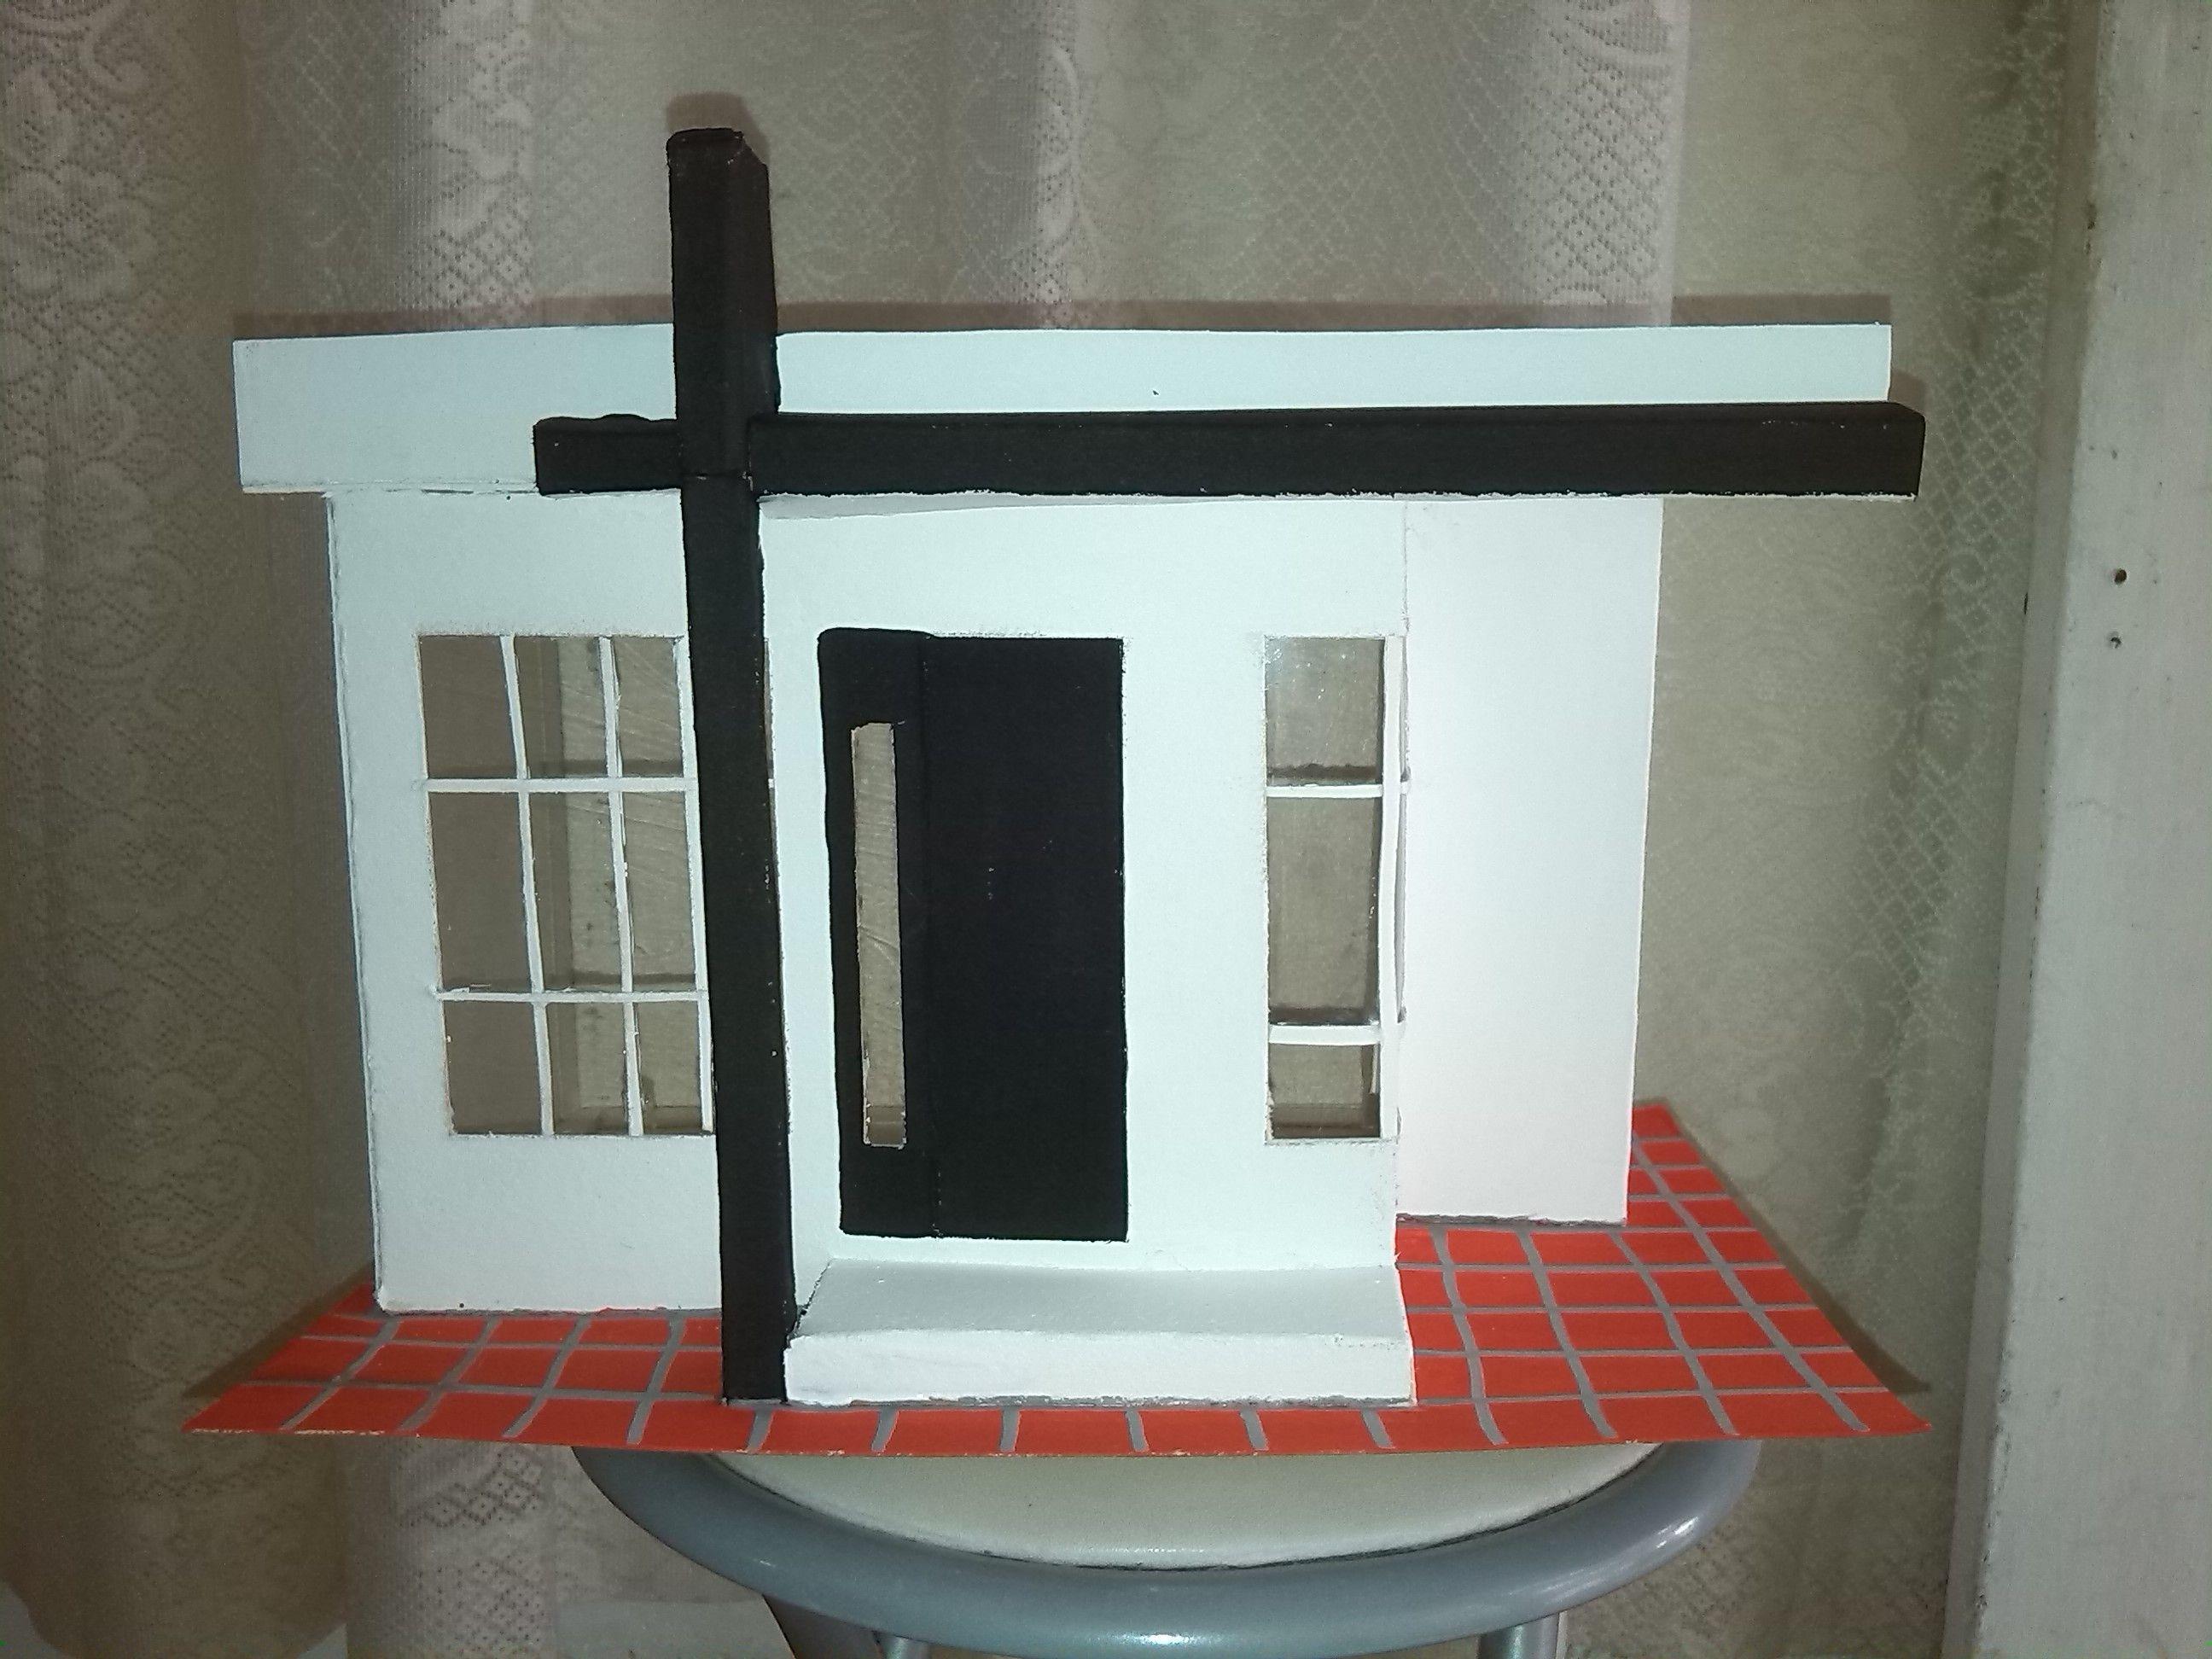 Maquetas escolares fachada de casas elaborada en material - Material para fachadas ...